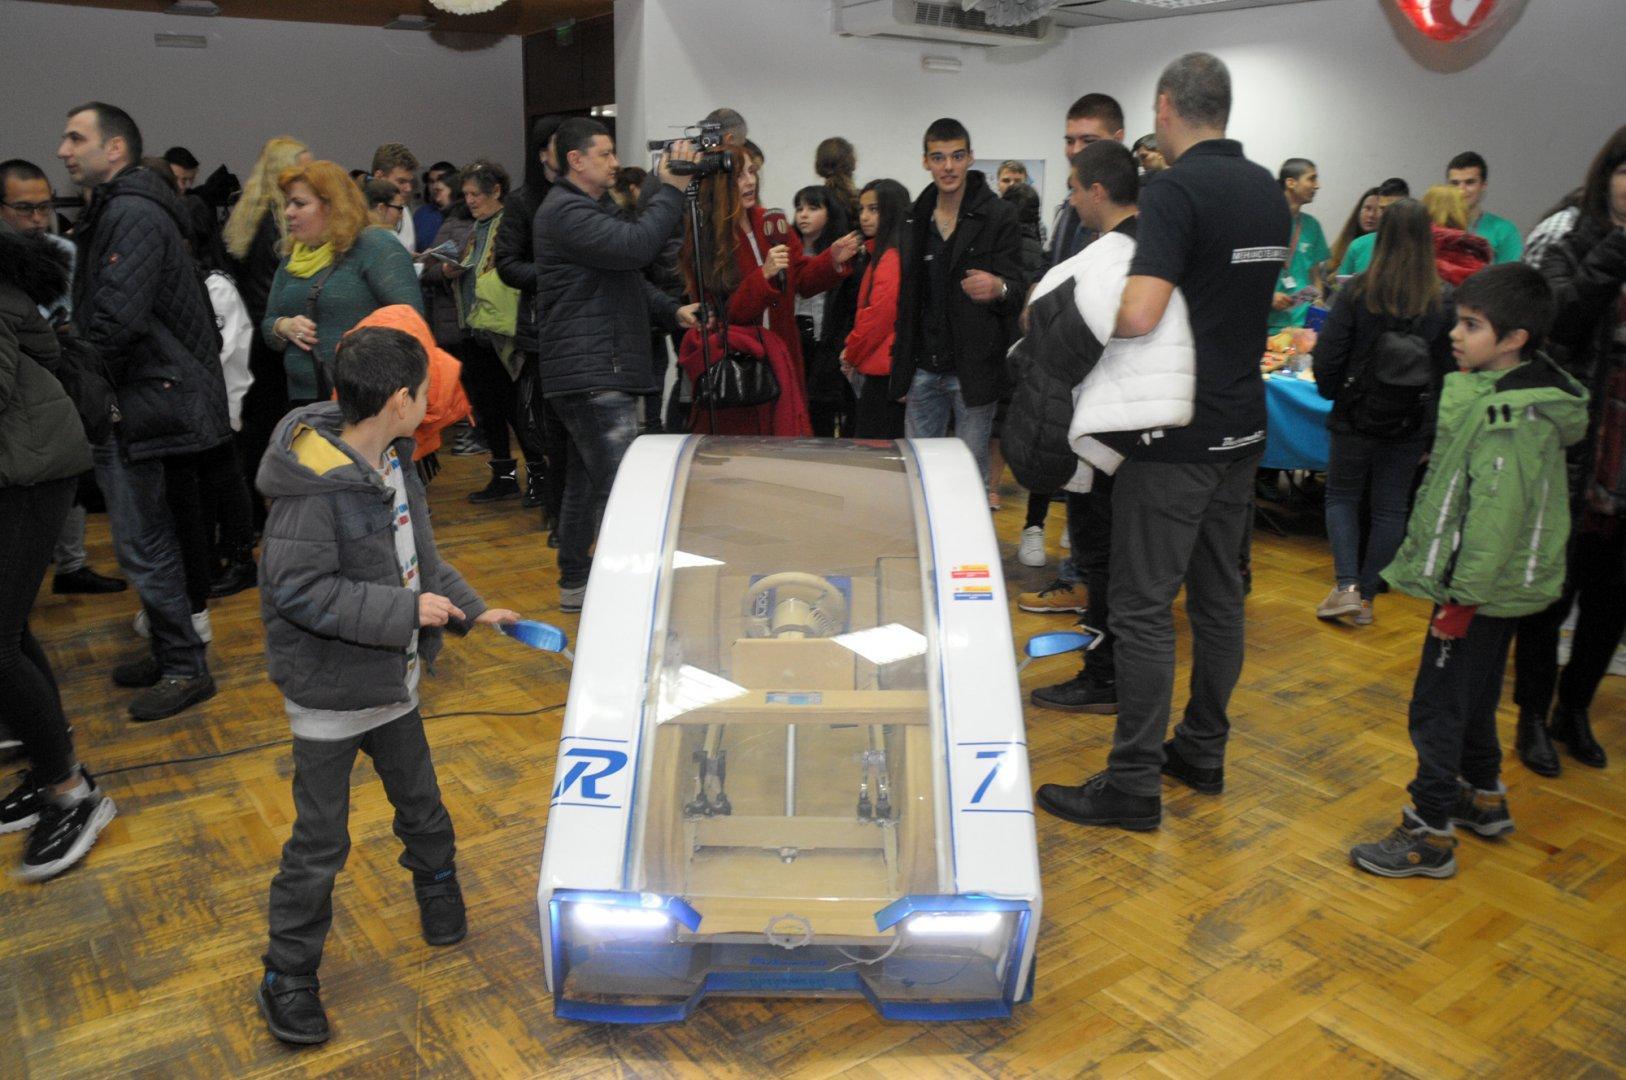 Електромобилът предизвика интерес сред дошлите на изложението. Снимки Лина Главинова